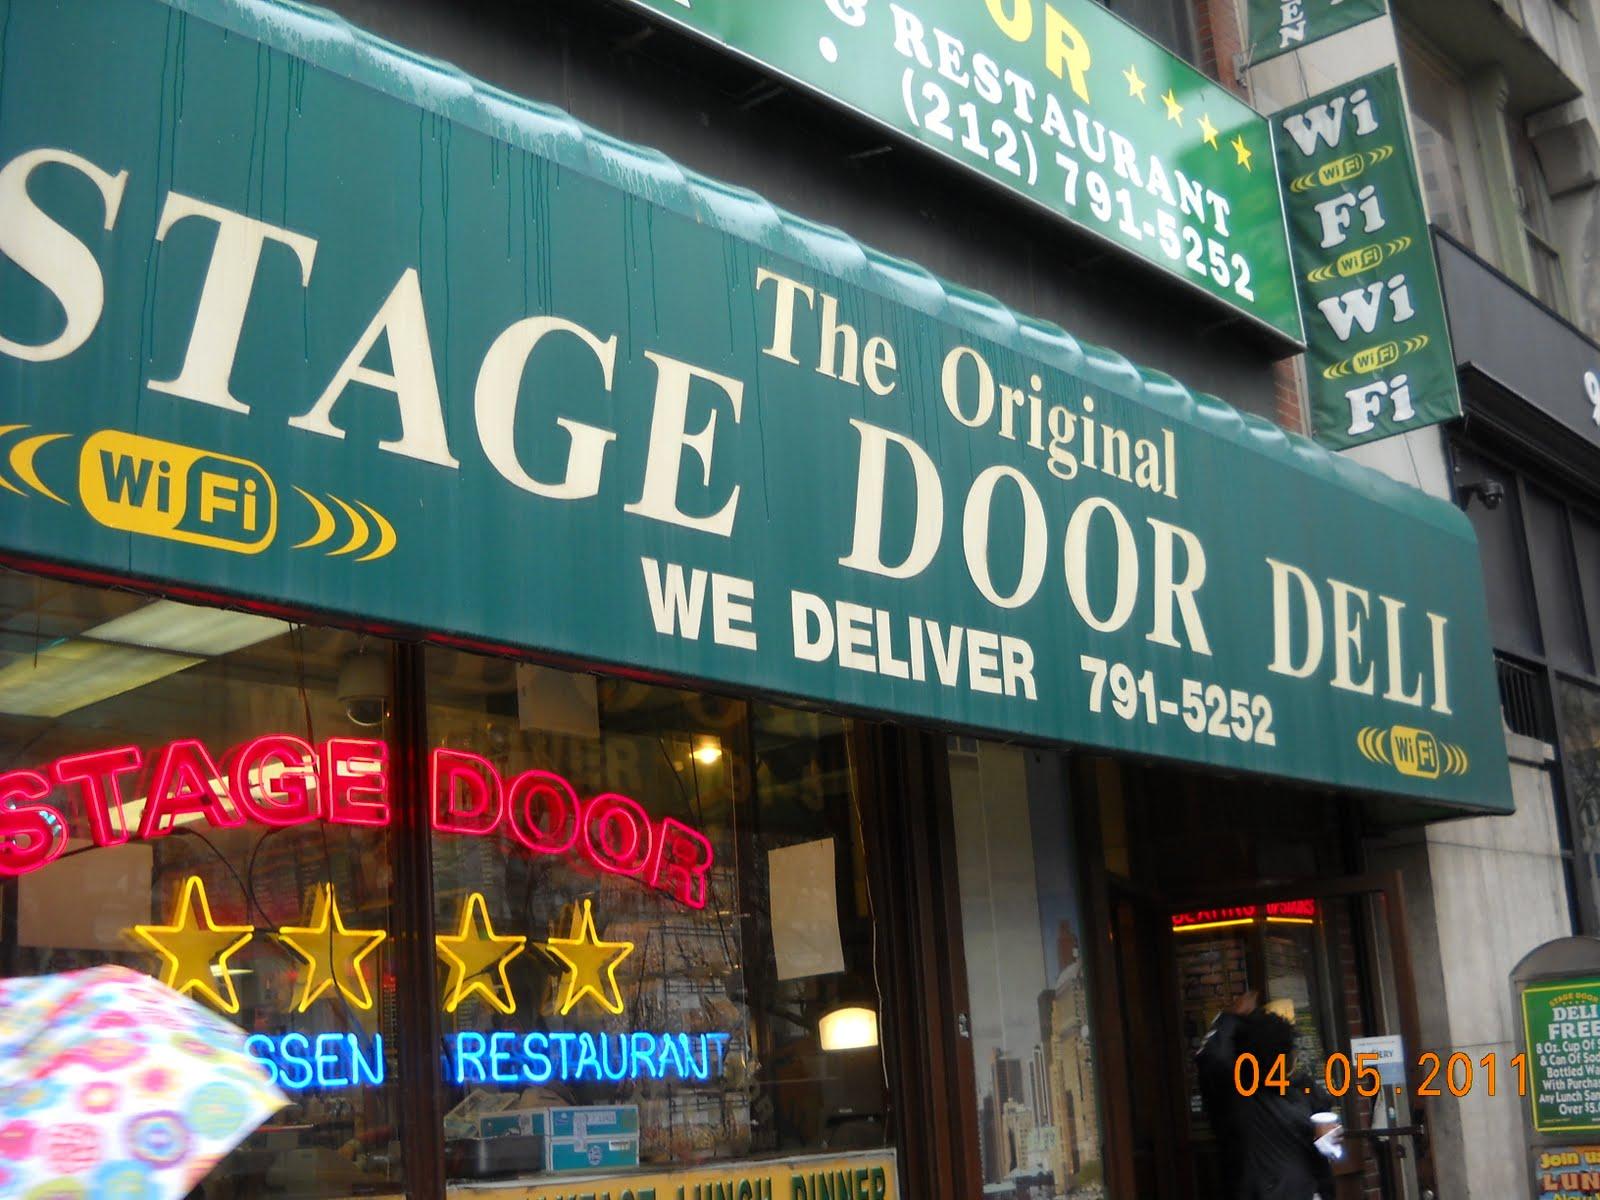 Spotlight on Sandwiches at Stage Door Deli & Eating My Way Through OC: Spotlight on Sandwiches at Stage Door Deli